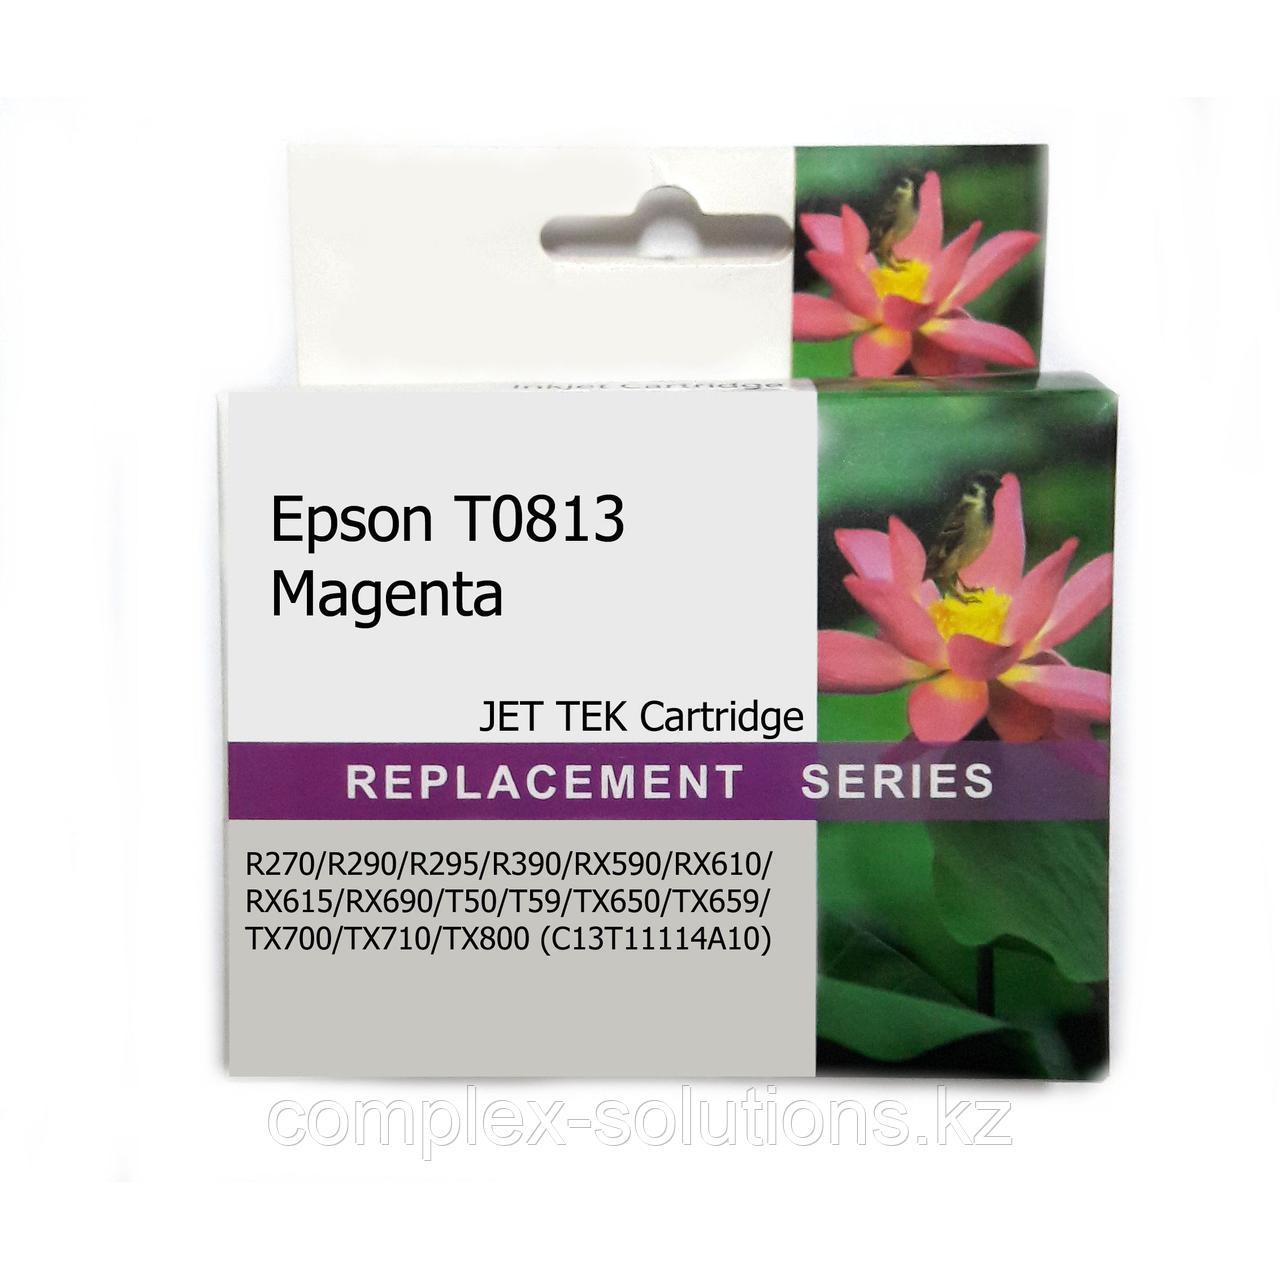 Картридж EPSON T0813 Magenta JET TEK | [качественный дубликат]